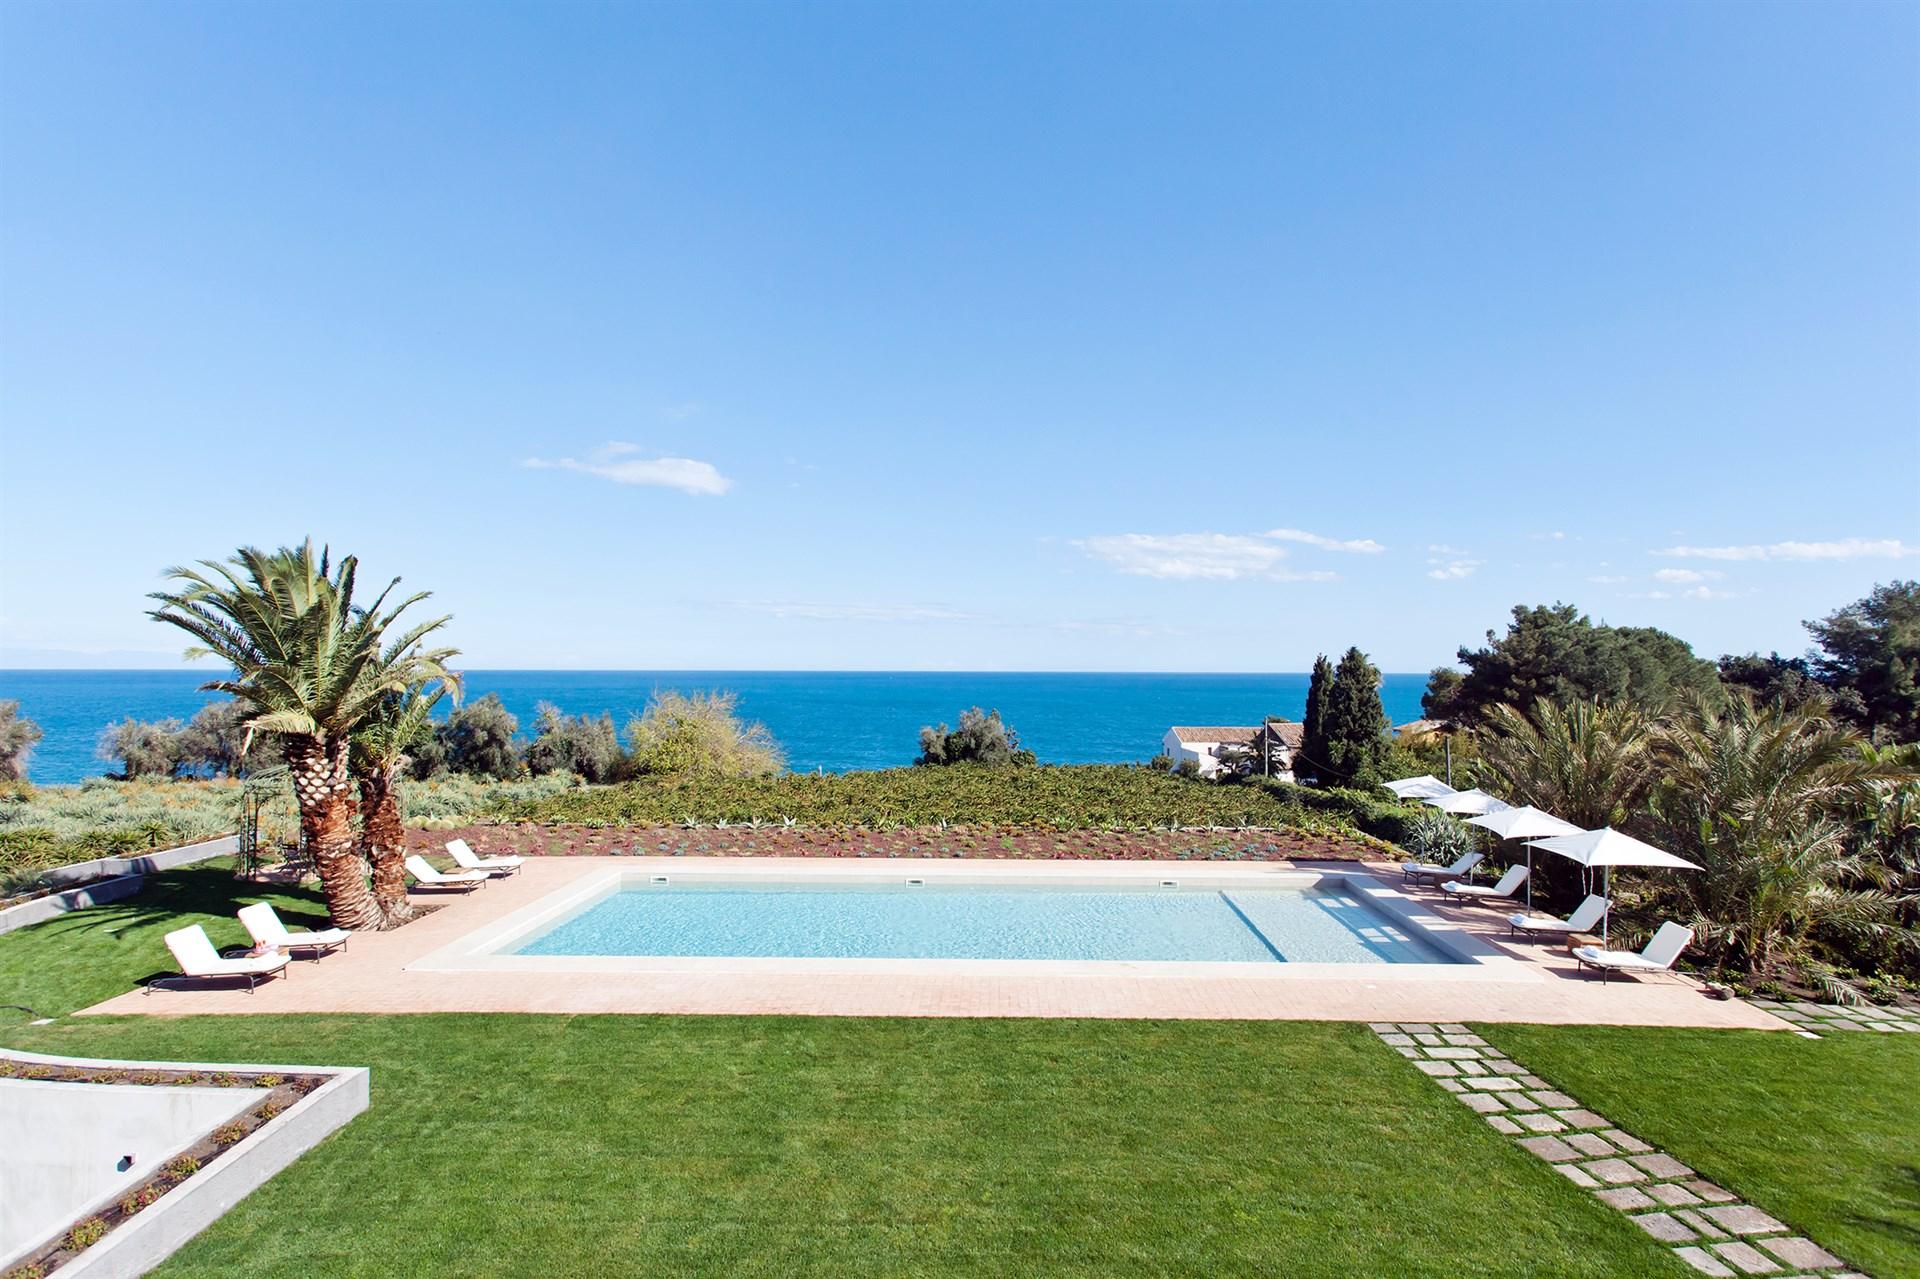 La piscina di Villa Don Venerando, un luogo magico ai piedi dell'Etna